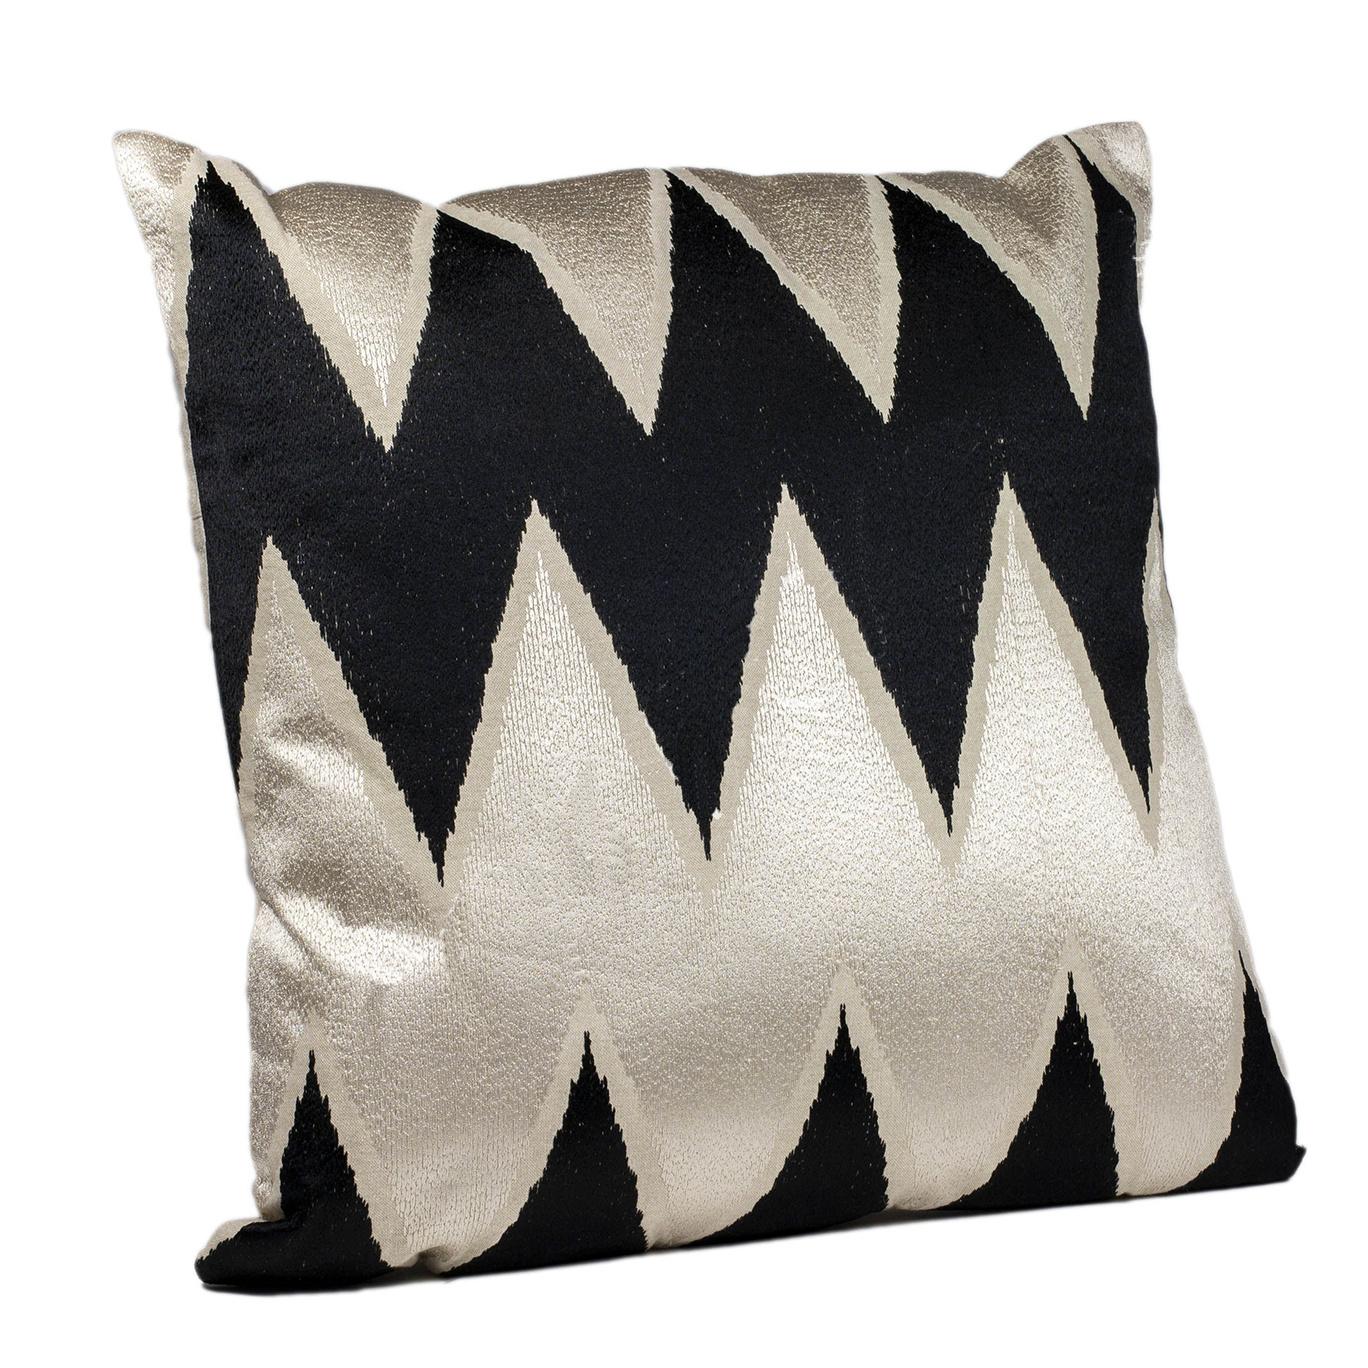 Large luxury sofa cushion with zig zag